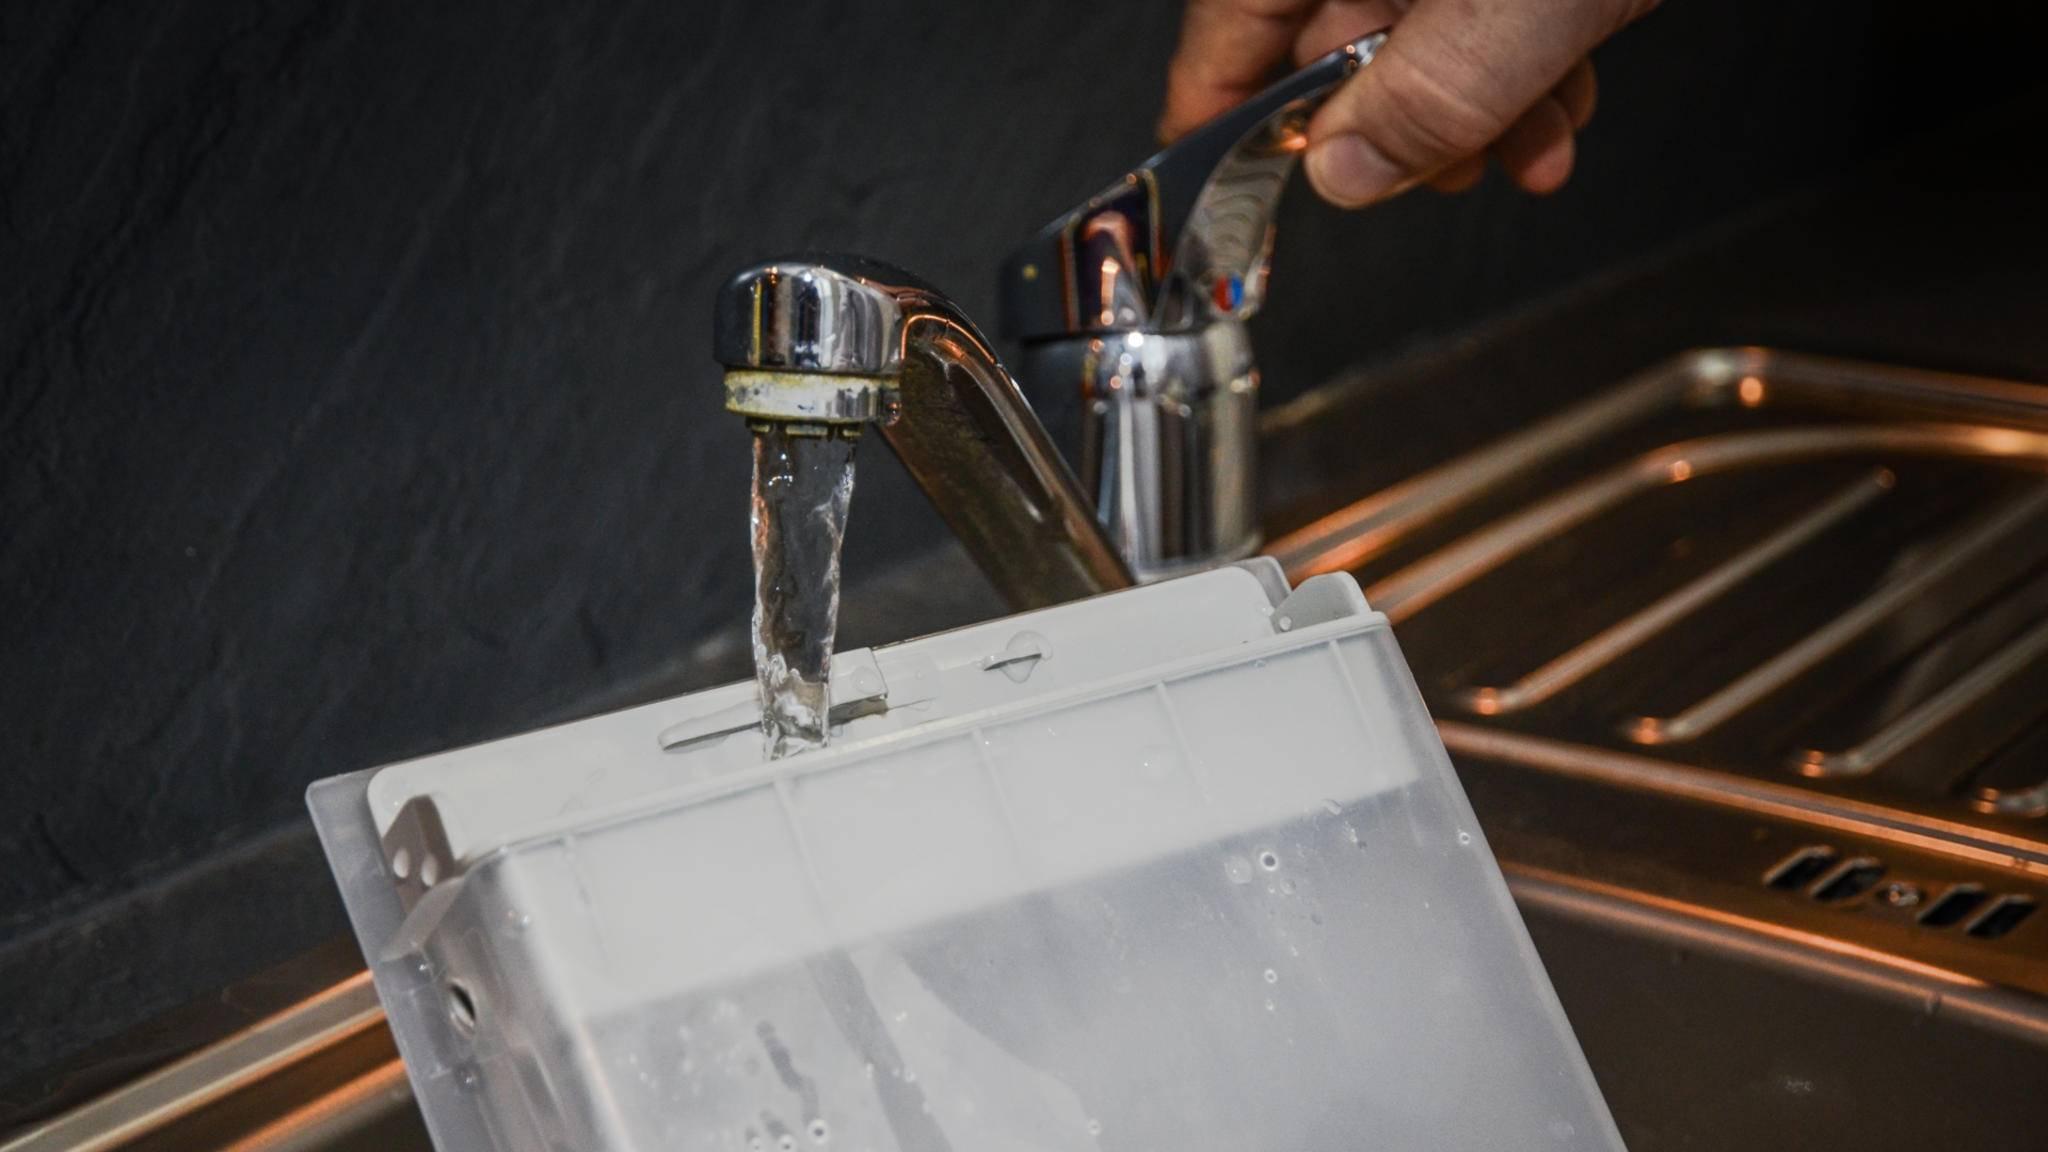 Zuerst wird Wasser eingefüllt, ...